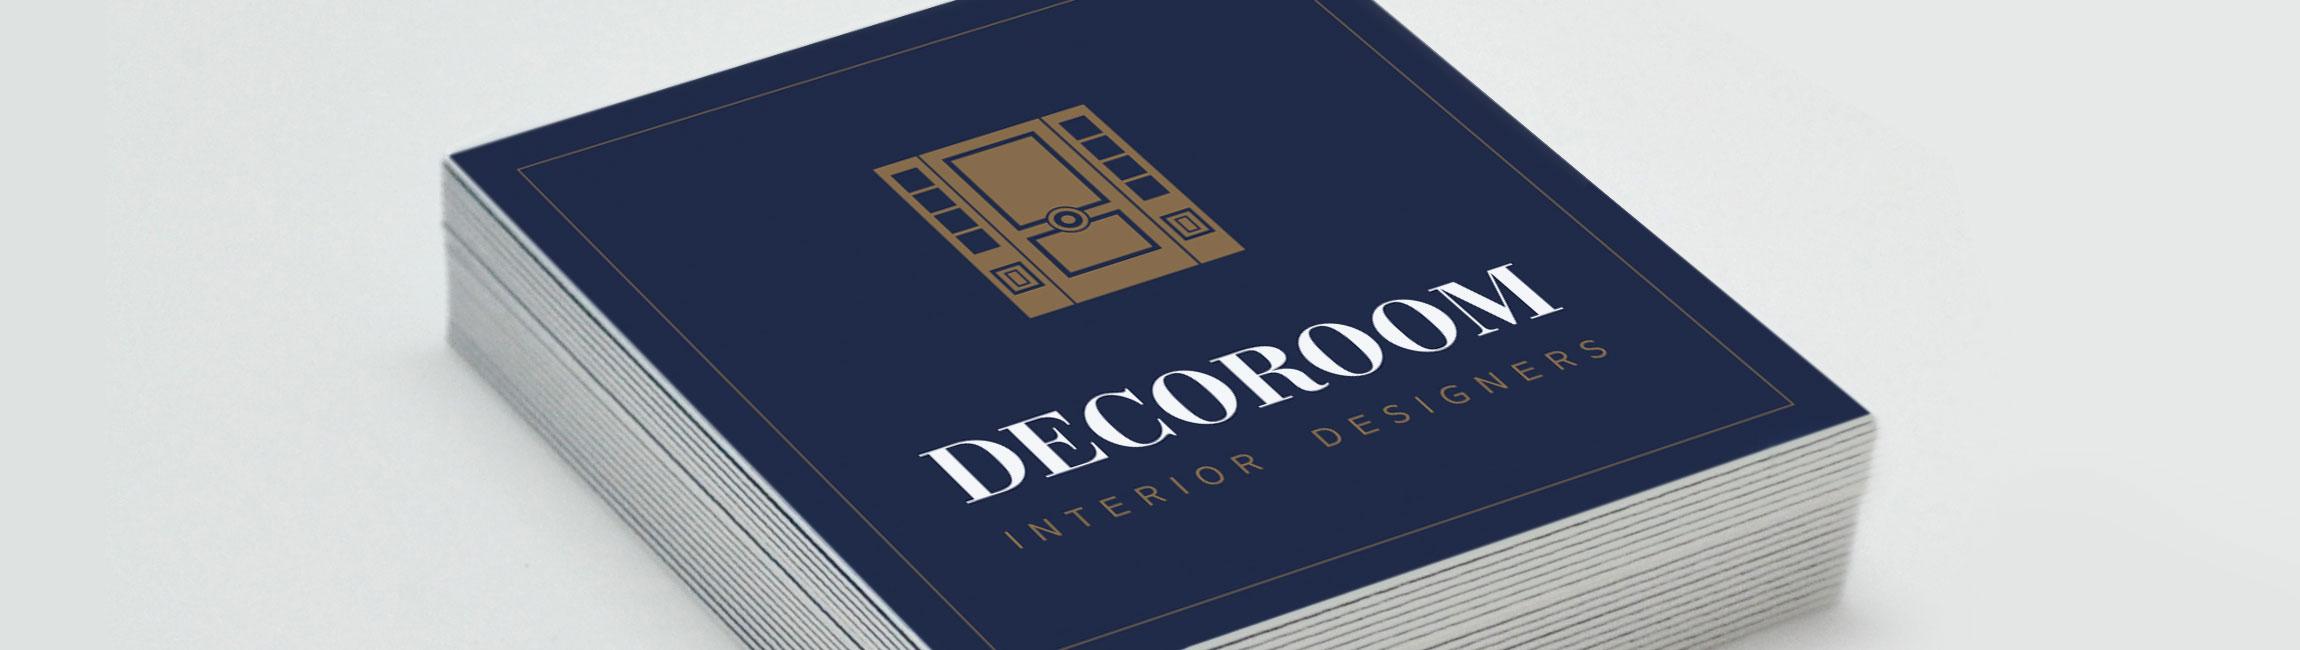 decoroom4